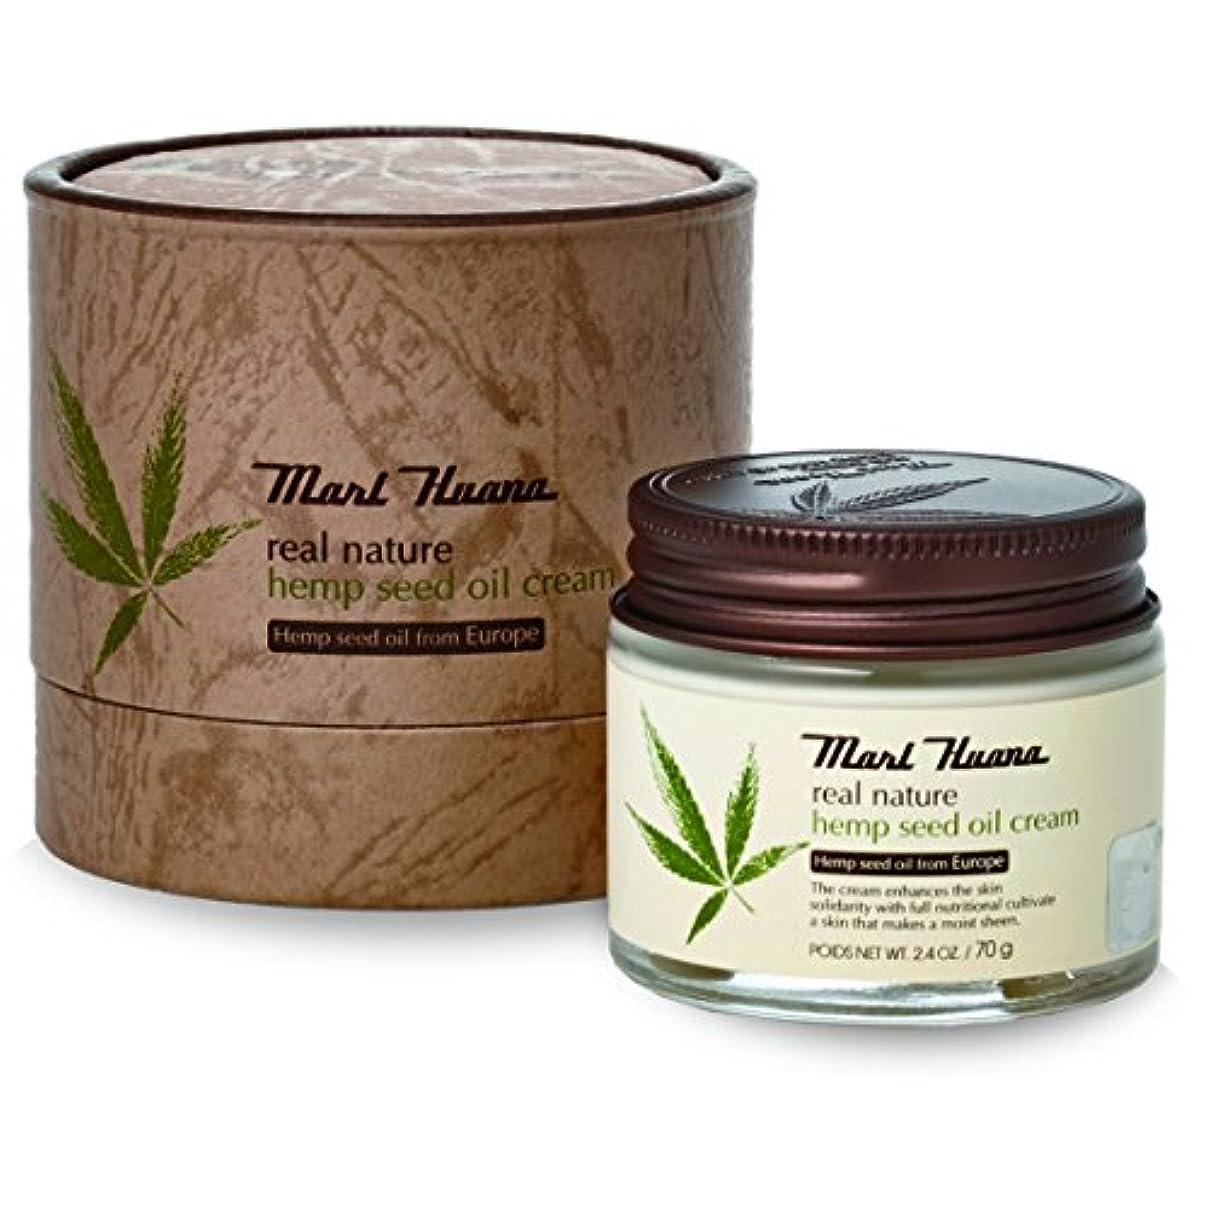 穀物証言シフト[訳有り?OUTLET] Marihuana Real Natural Hemp Seed Oil Cream マリーフアナ リアルナチュラルヘンプシードオイルクリーム [並行輸入品]